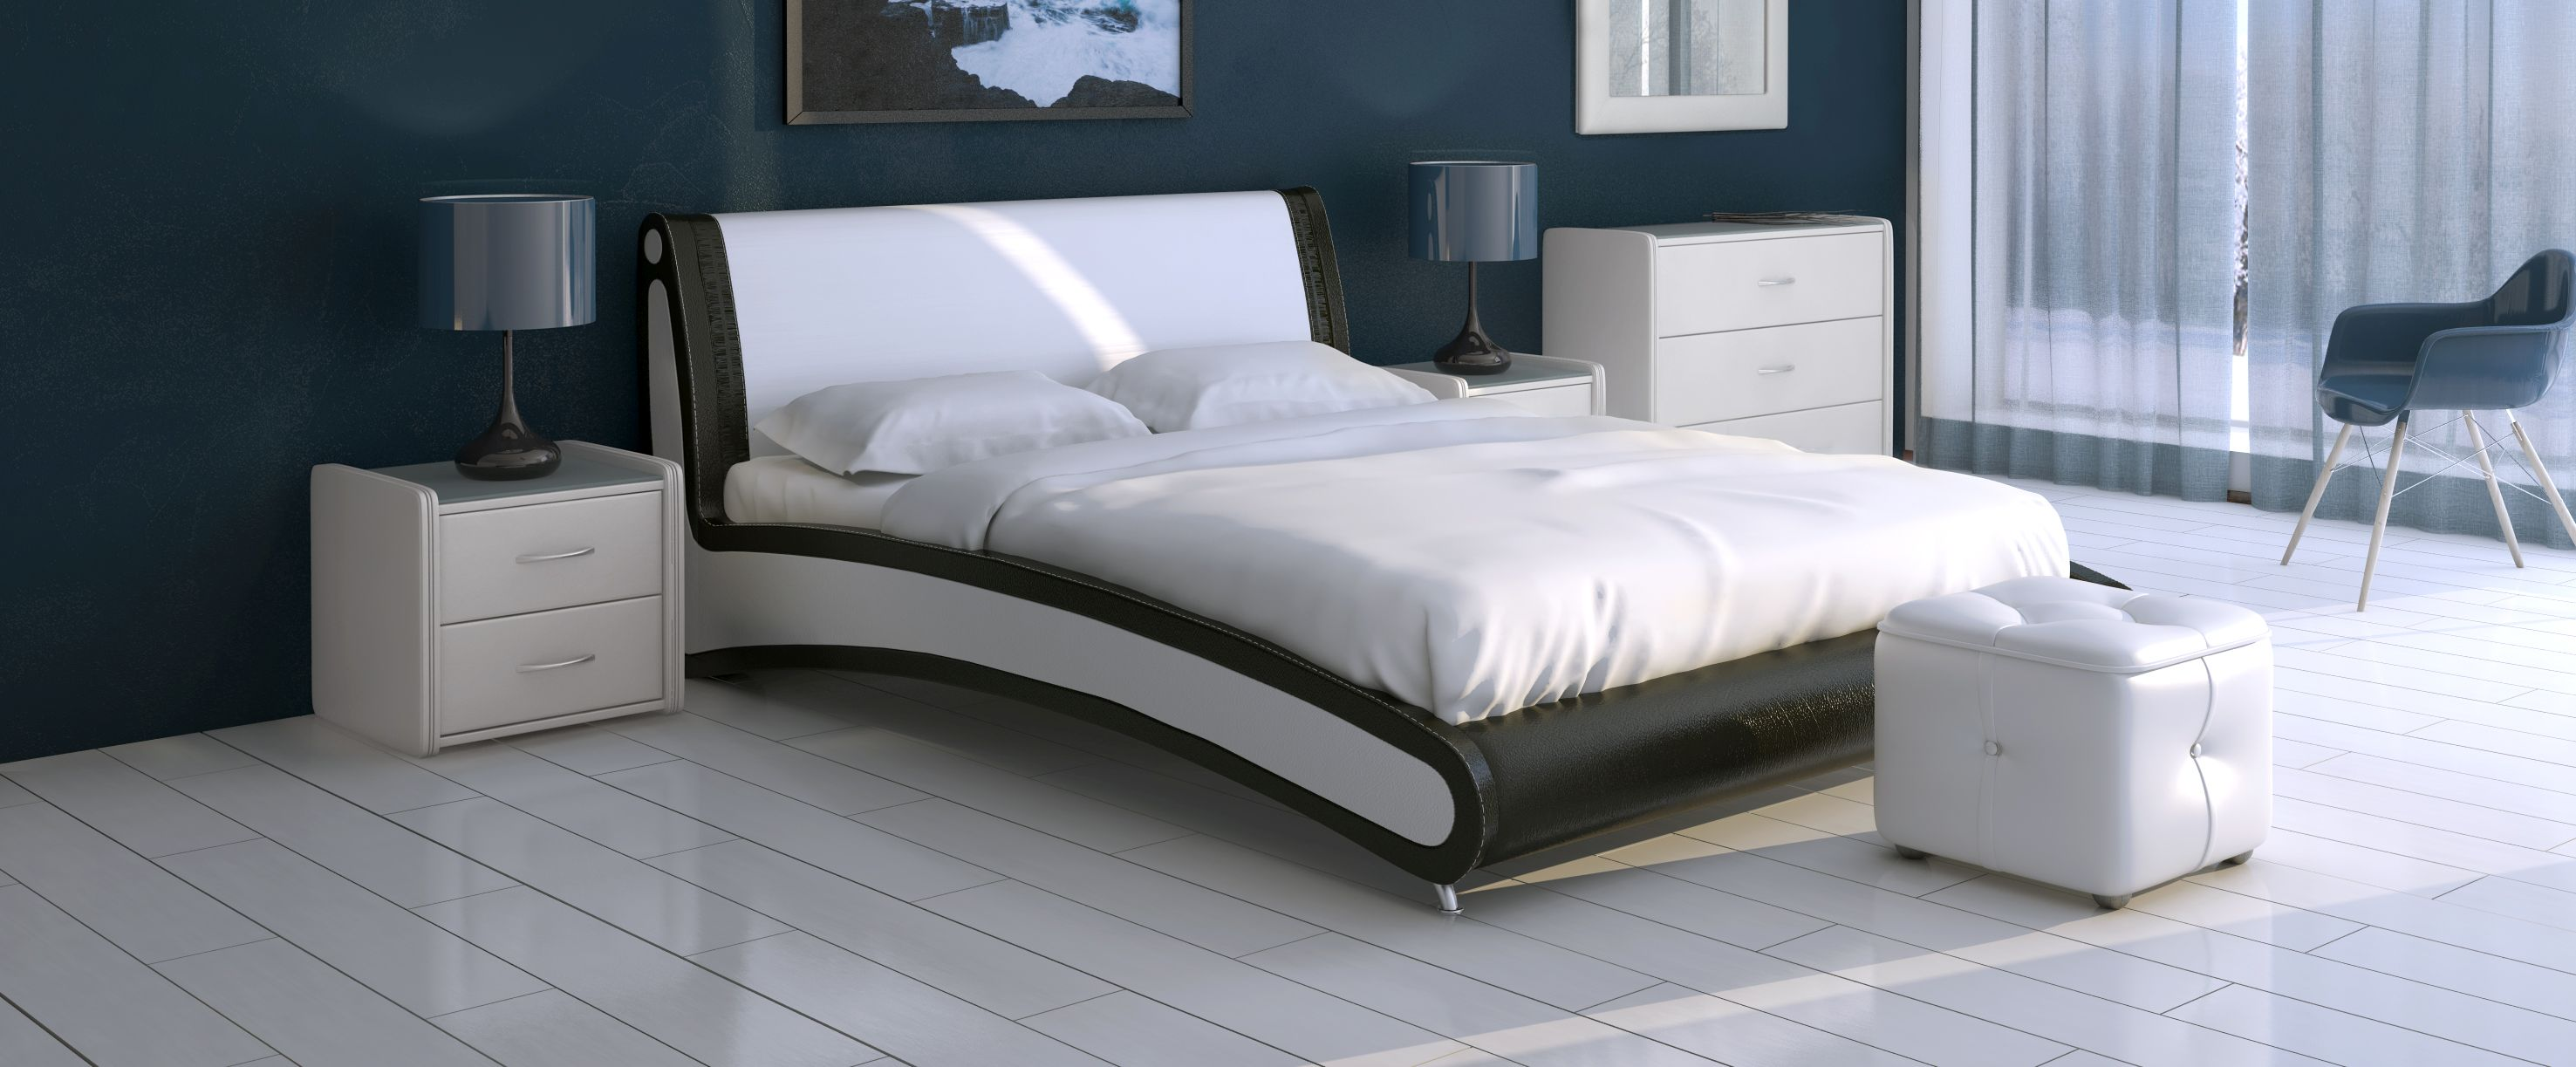 Кровать двуспальная Помпиду Модель 394Стильная двухцветная кровать необычной формы, несомненно, станет центром внимания вашей спальни. Задняя часть спинки выполнена из экокожи.<br><br>Ширина см: 173<br>Глубина см: 236<br>Высота см: 91<br>Ширина спального места см: 160<br>Глубина спального места см: 200<br>Встроенное основание: Есть<br>Материал каркаса: ДСП<br>Материал обивки: Экокожа<br>Подъемный механизм: Нет<br>Цвет: Коричневый, Белый<br>Код ткани: Пралине, Марципан